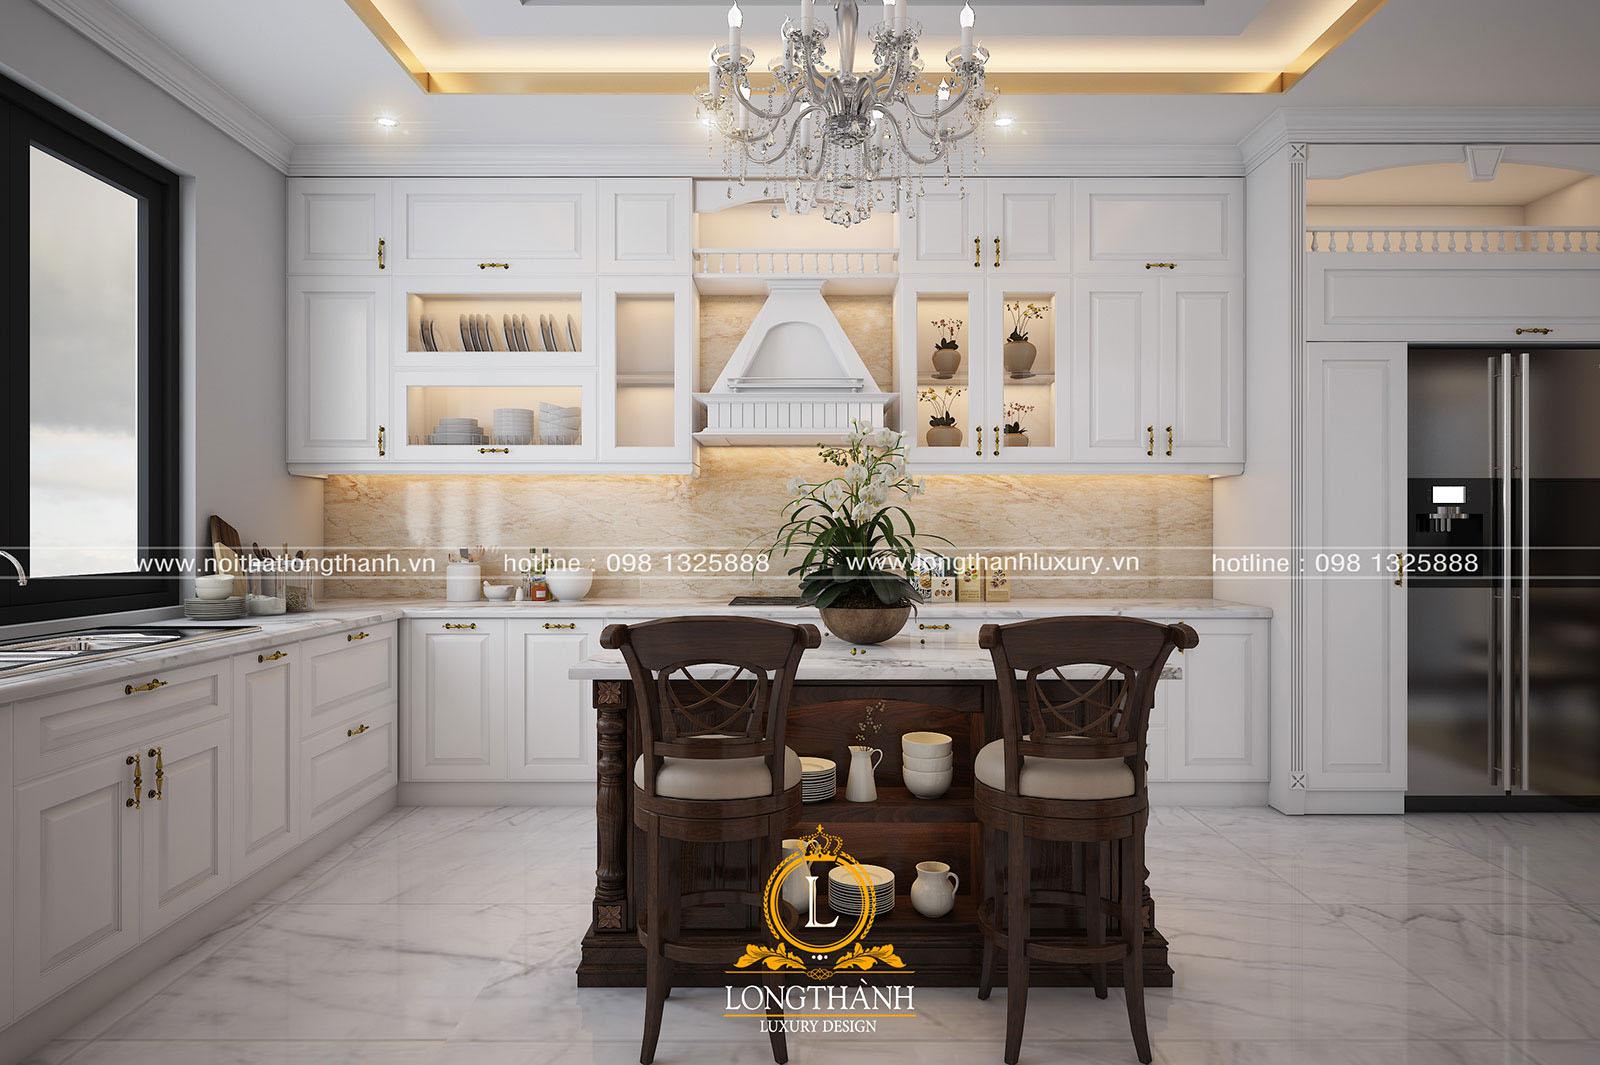 Tủ bếp gỗ tự nhiên sơn trắng đẹp LT 62 góc nhìn thứ 1